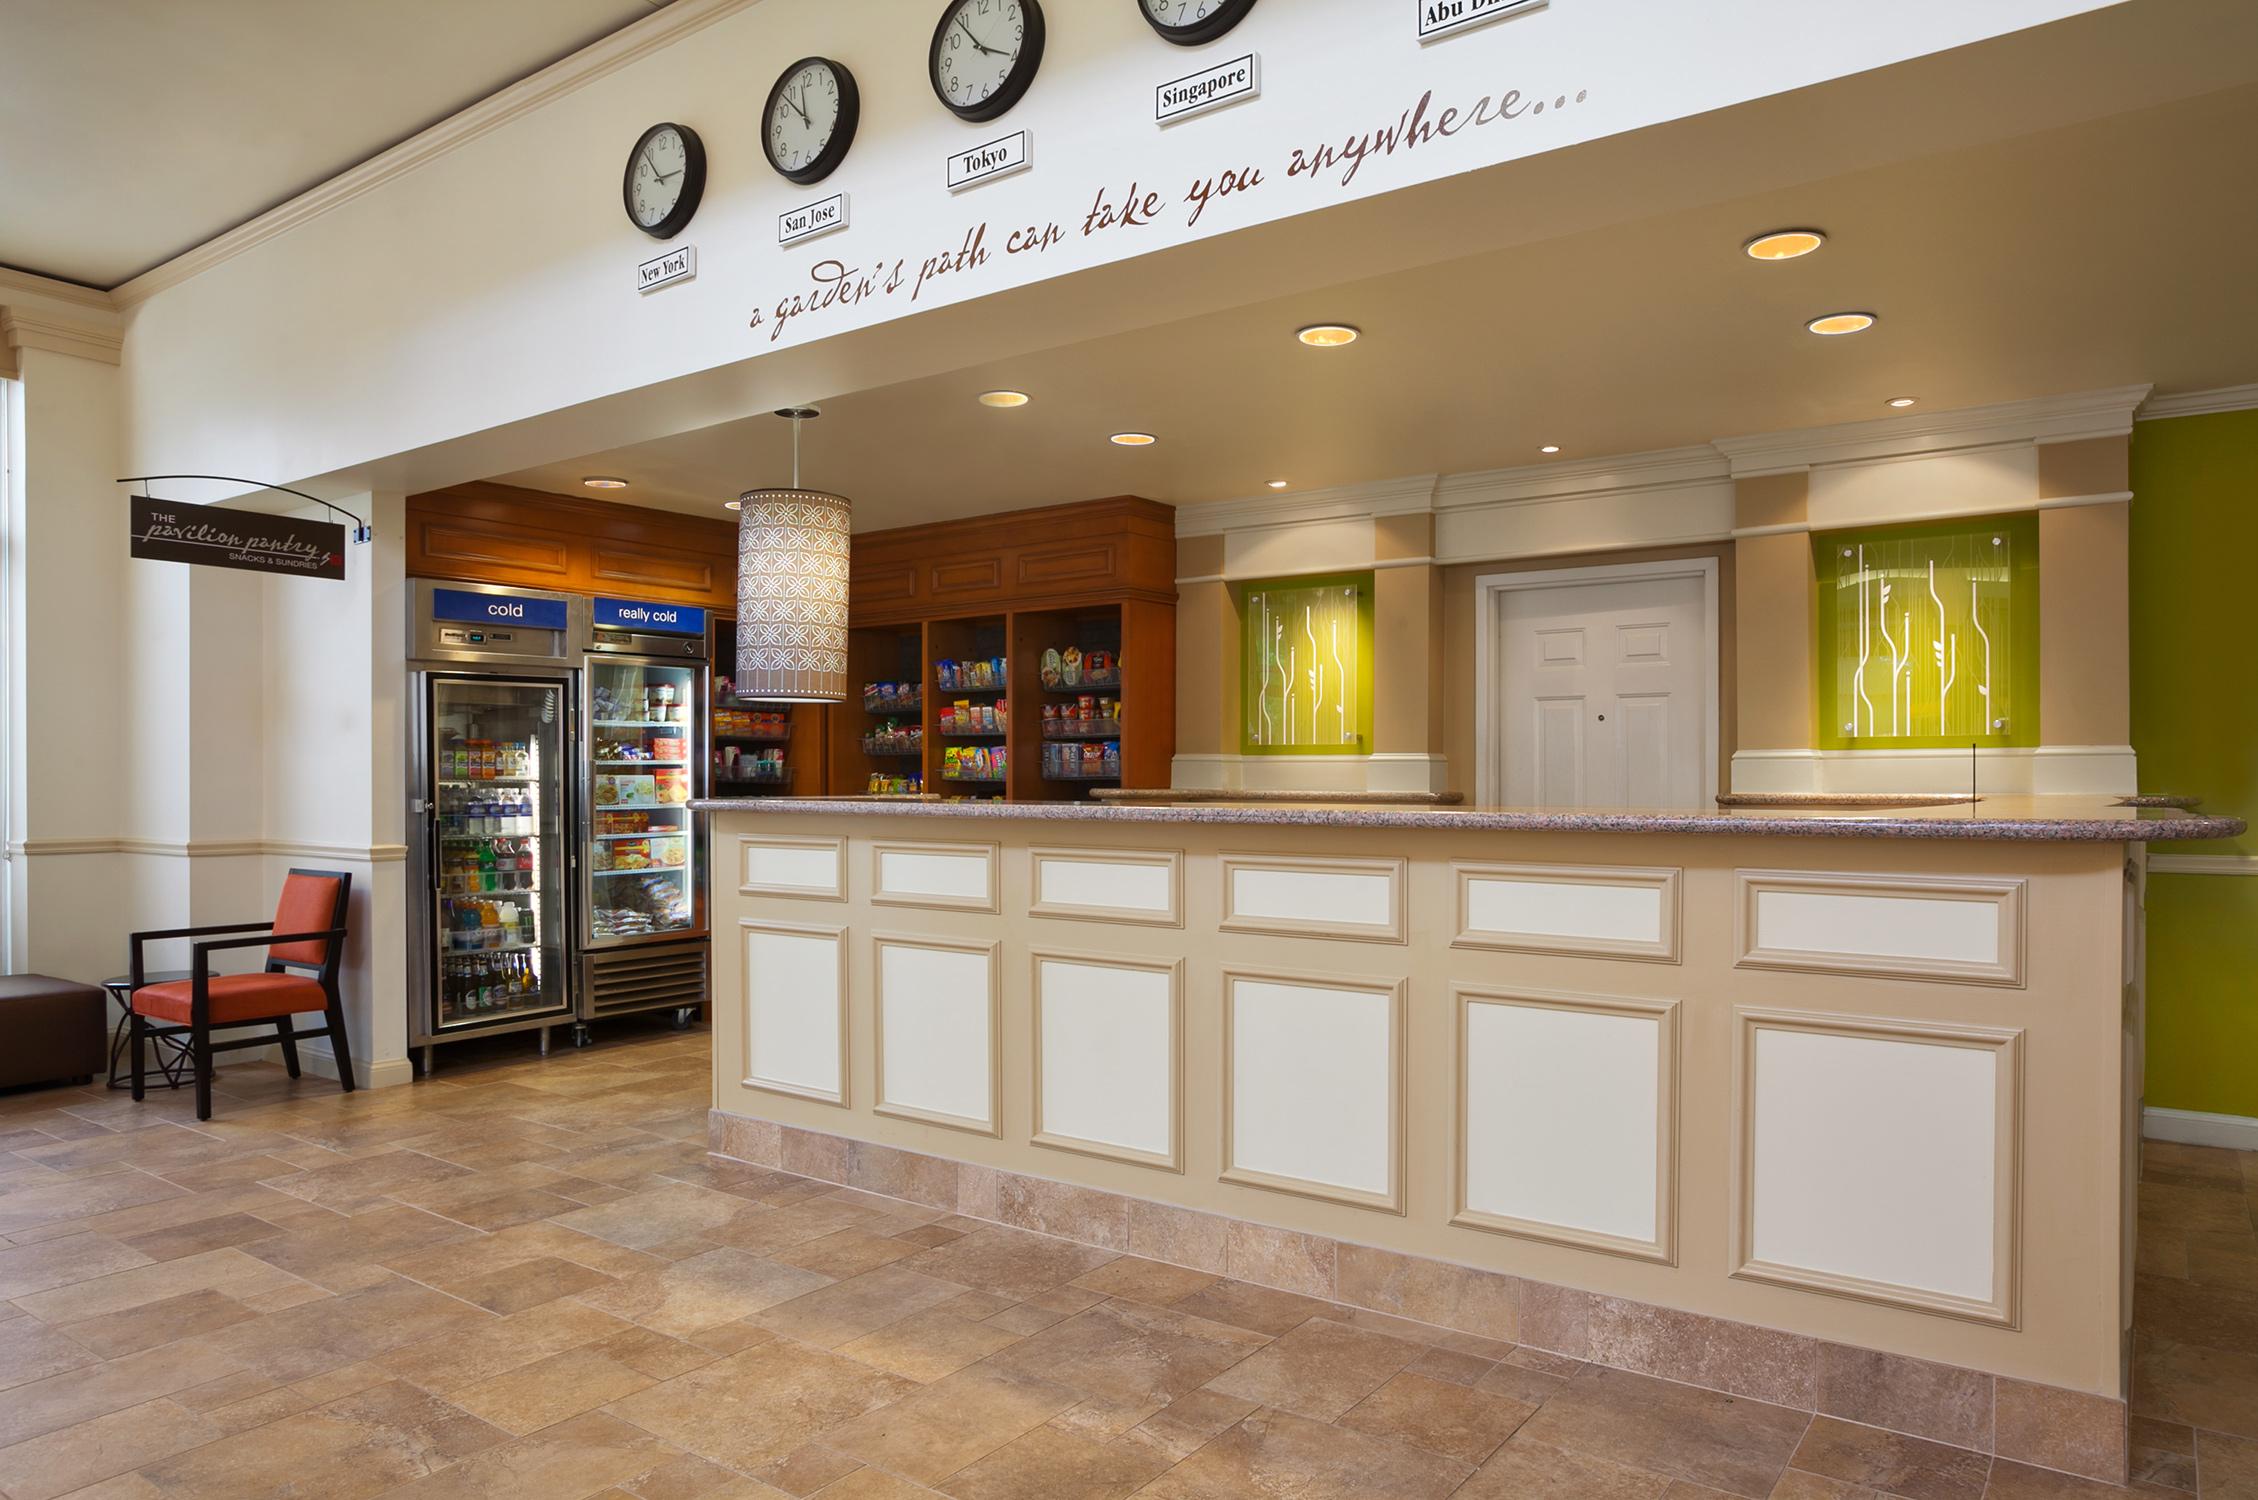 Hilton Garden Inn Saratoga Springs In Saratoga Springs Ny 12866